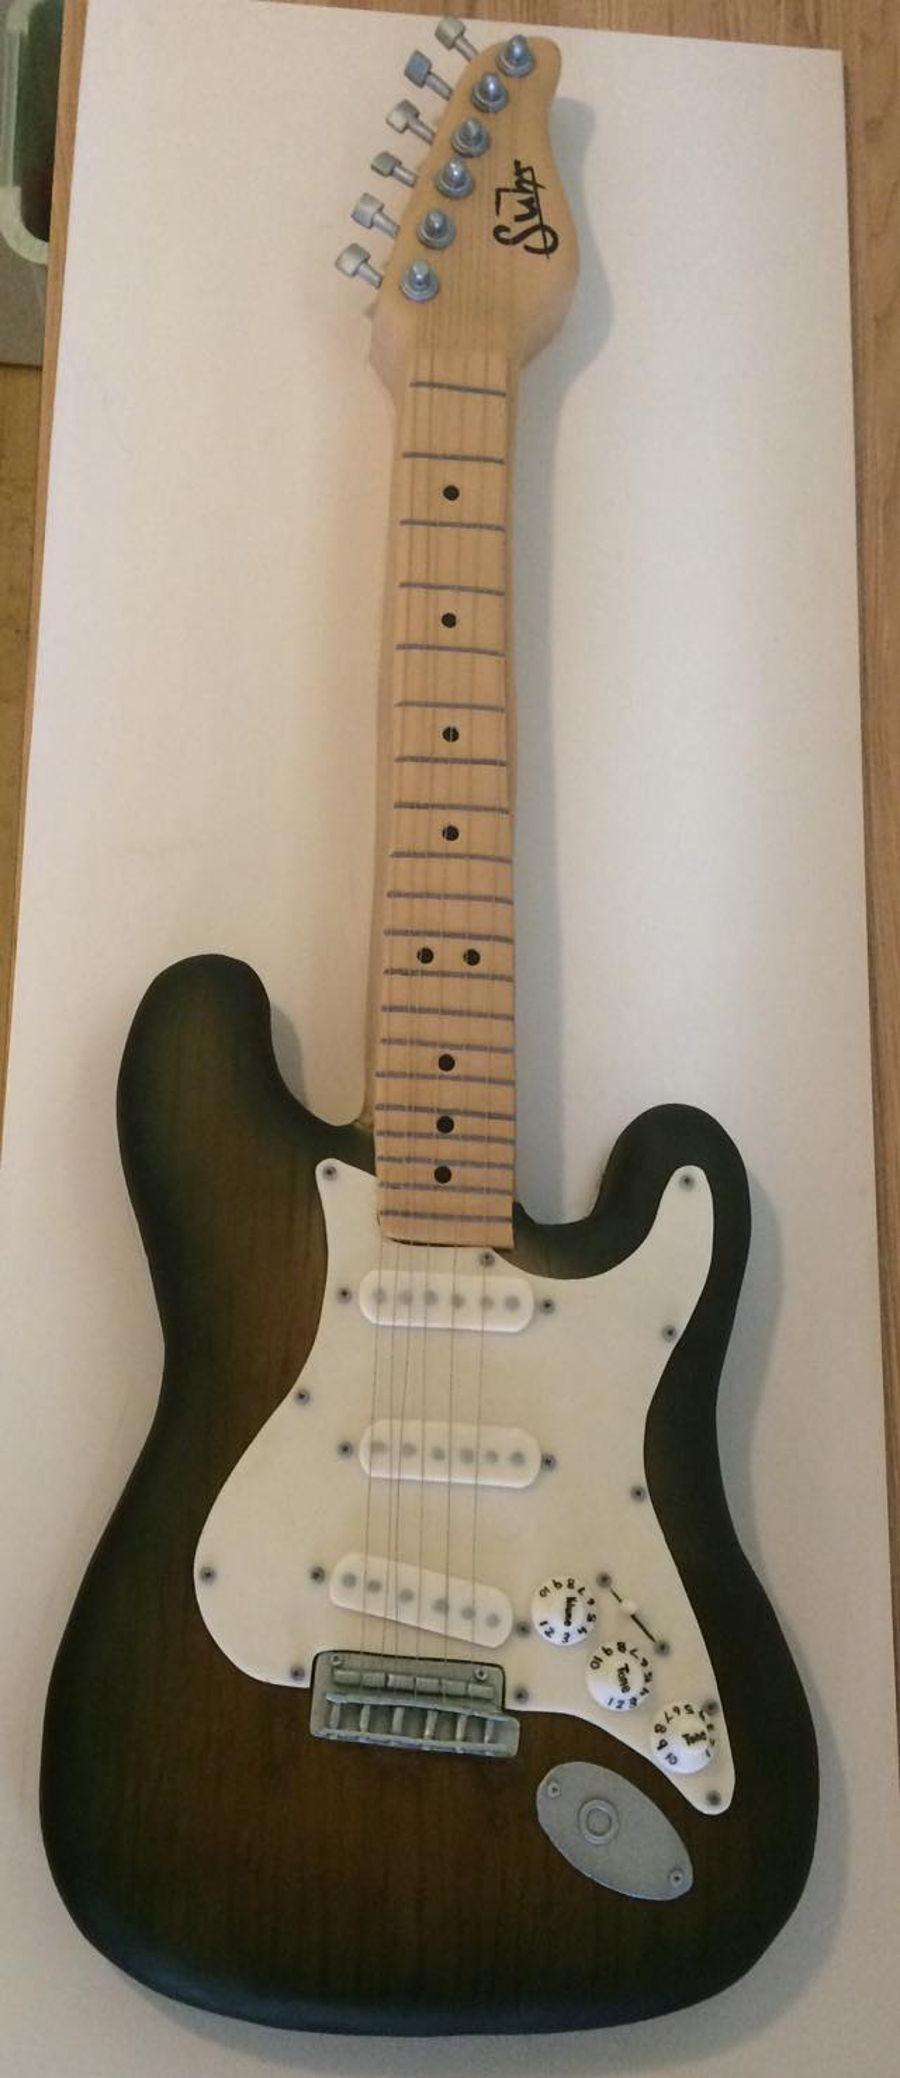 Electric Guitar Cake - CakeCentral.com